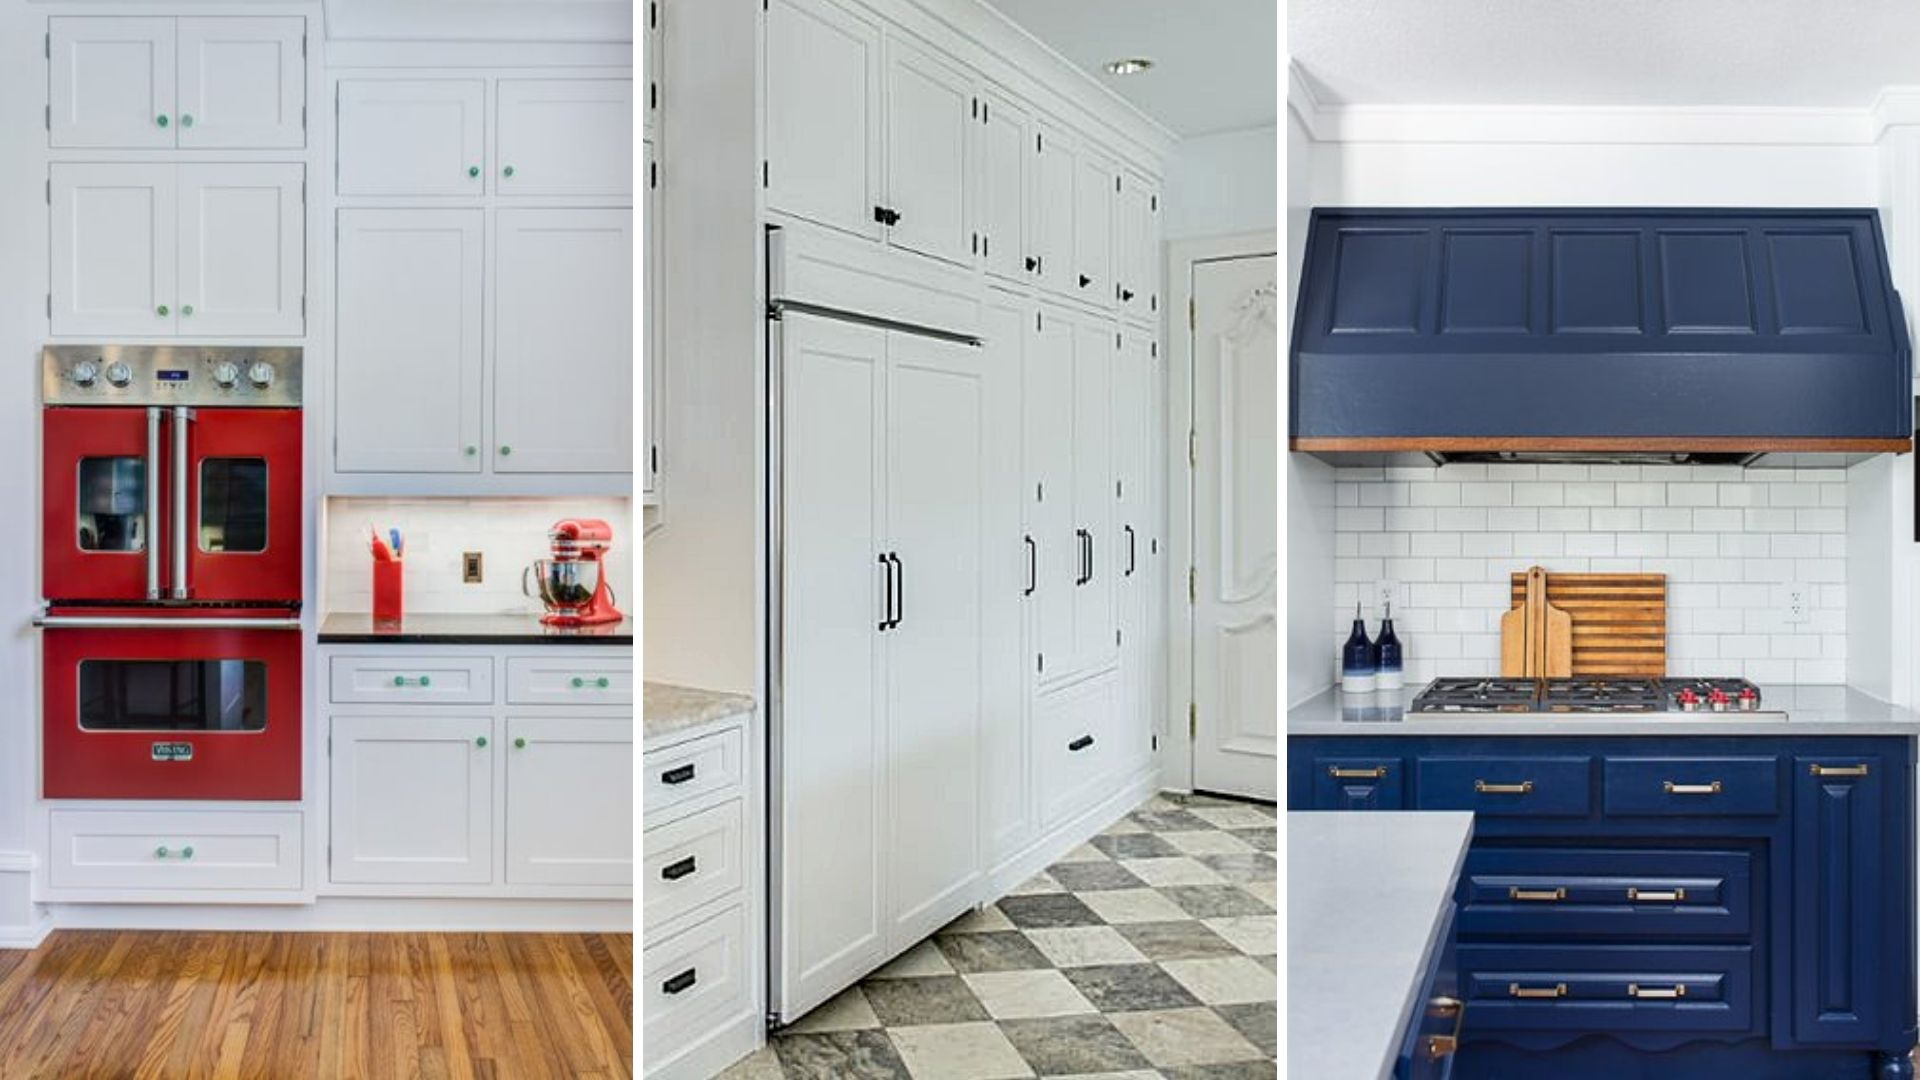 Patriotic Kitchen Appliances Kitchen Design Concepts